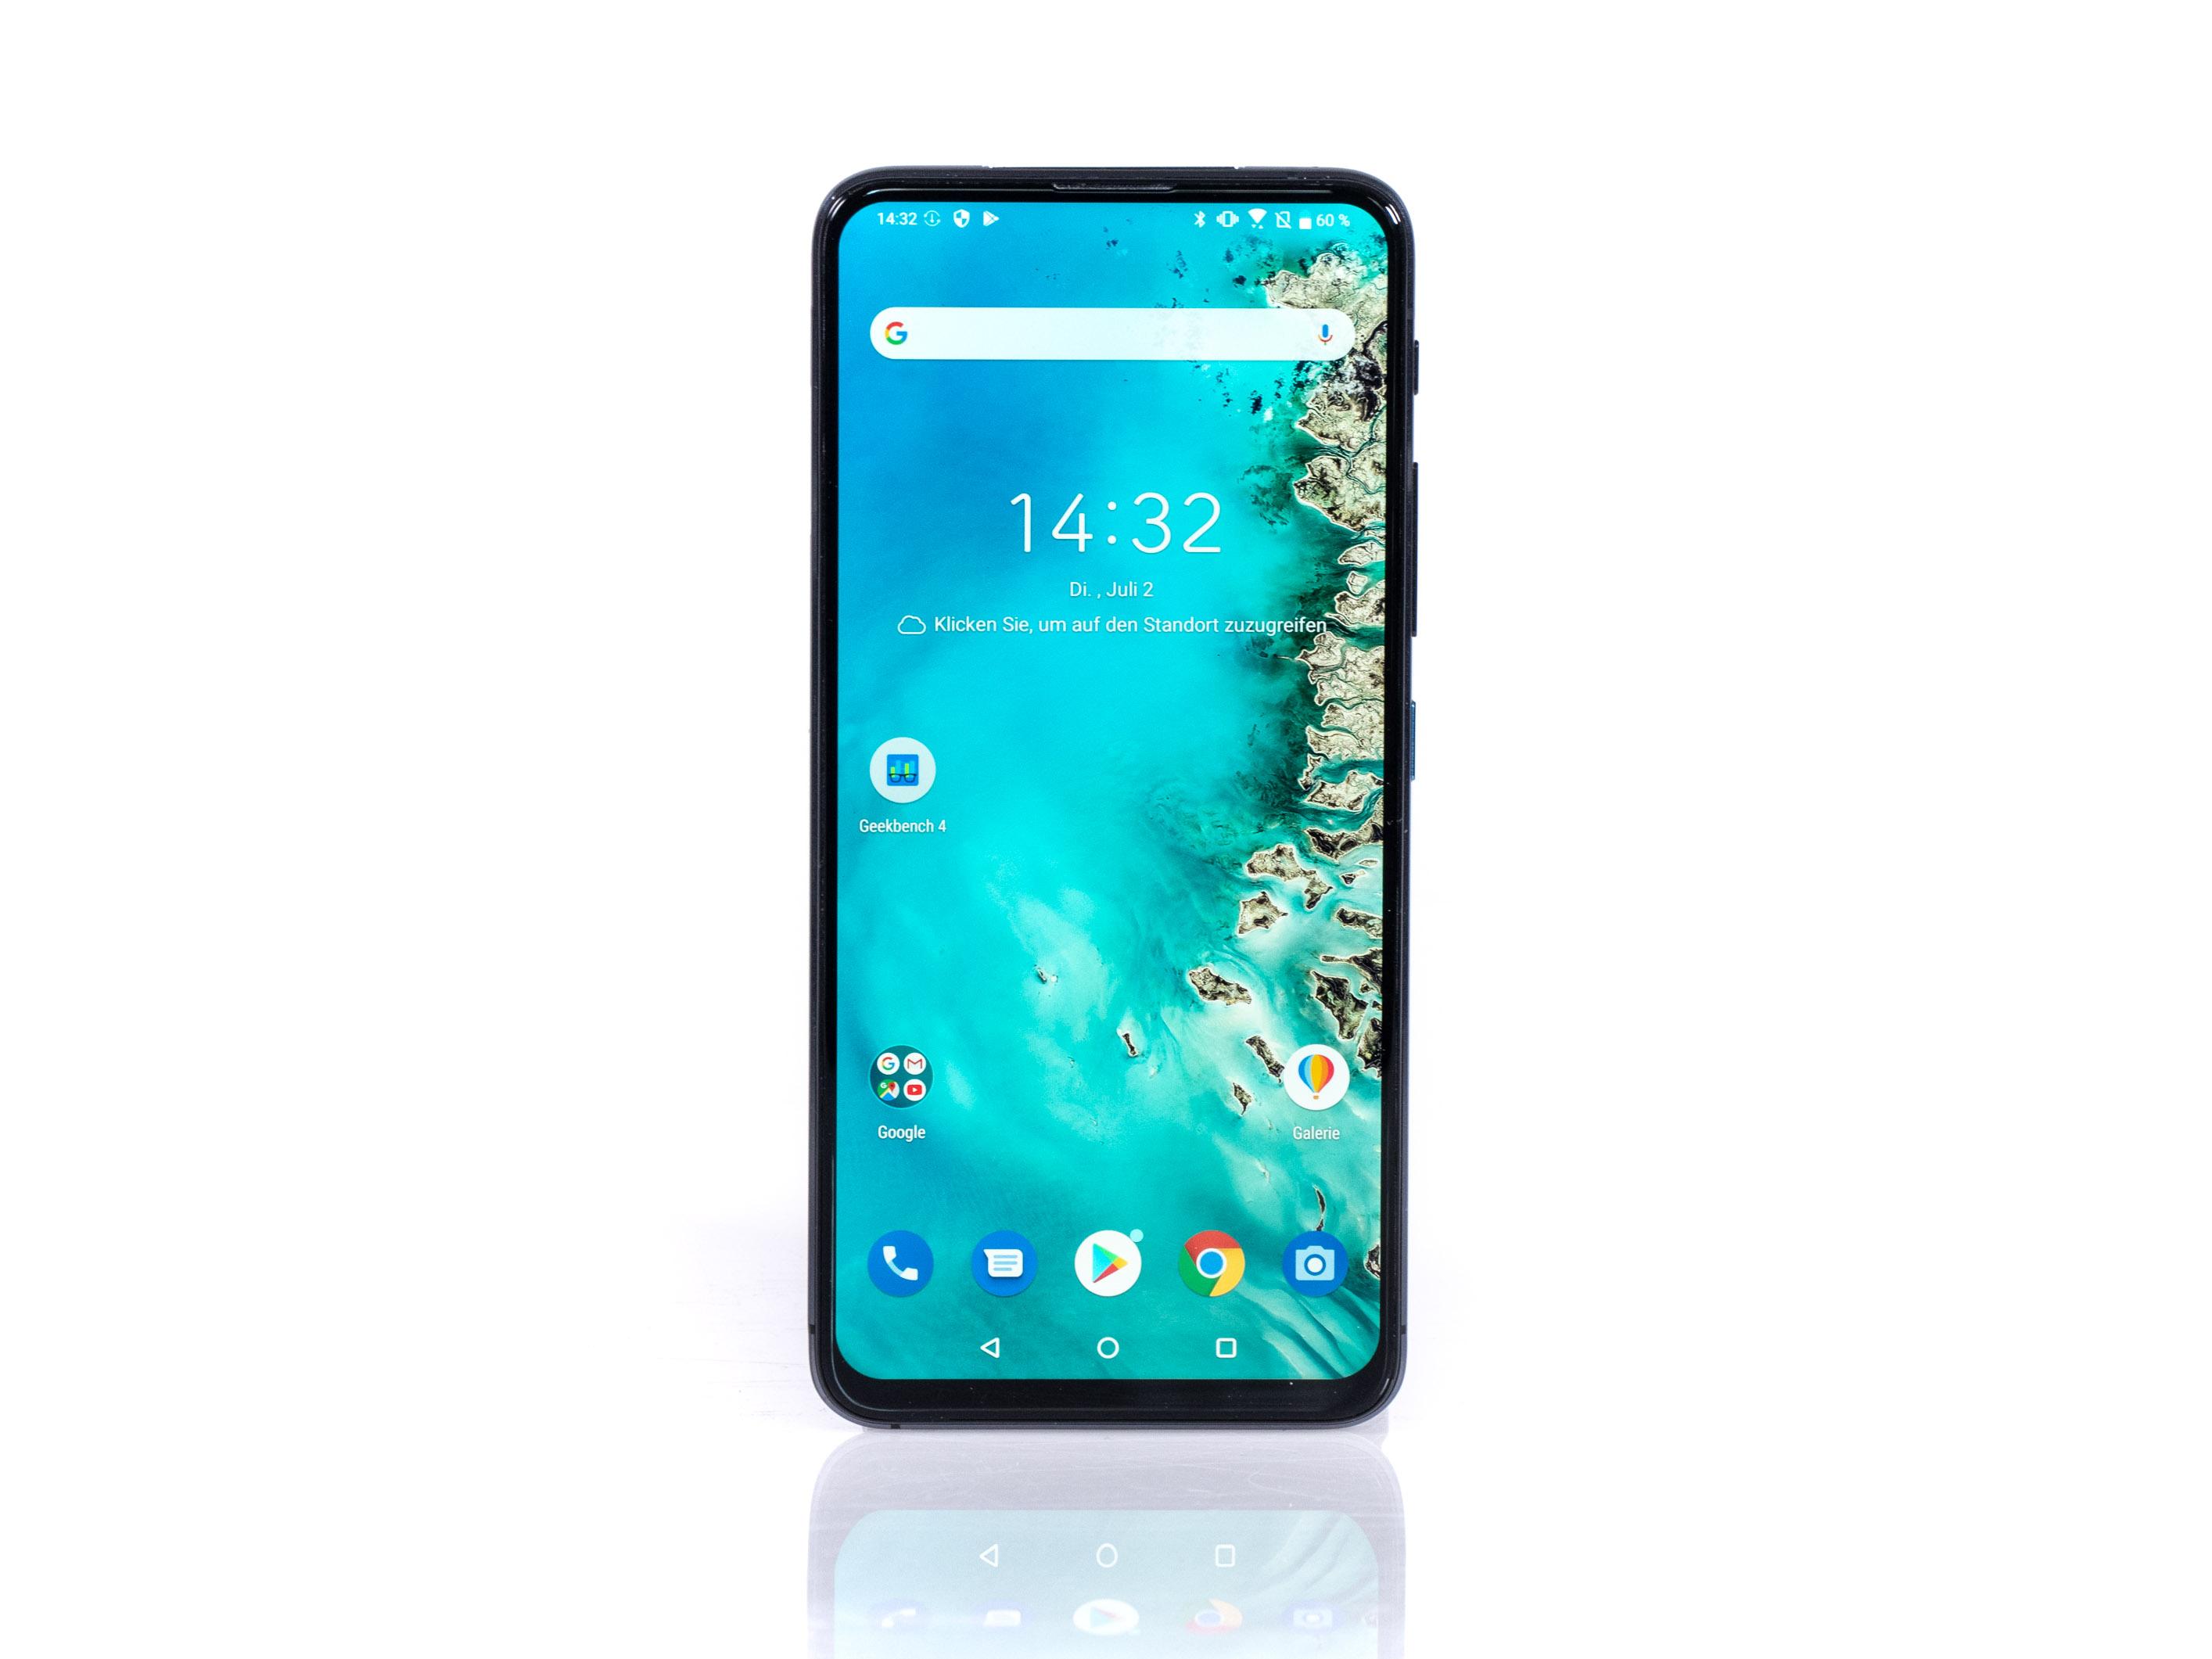 Zenfone 6 im Test: Asus' Ansage an die Smartphone-Konkurrenz - Das Zenfone 6 von Asus hat keine Frontkamera, keine Notch und kein Kameraloch. (Bild: Martin Wolf/Golem.de)